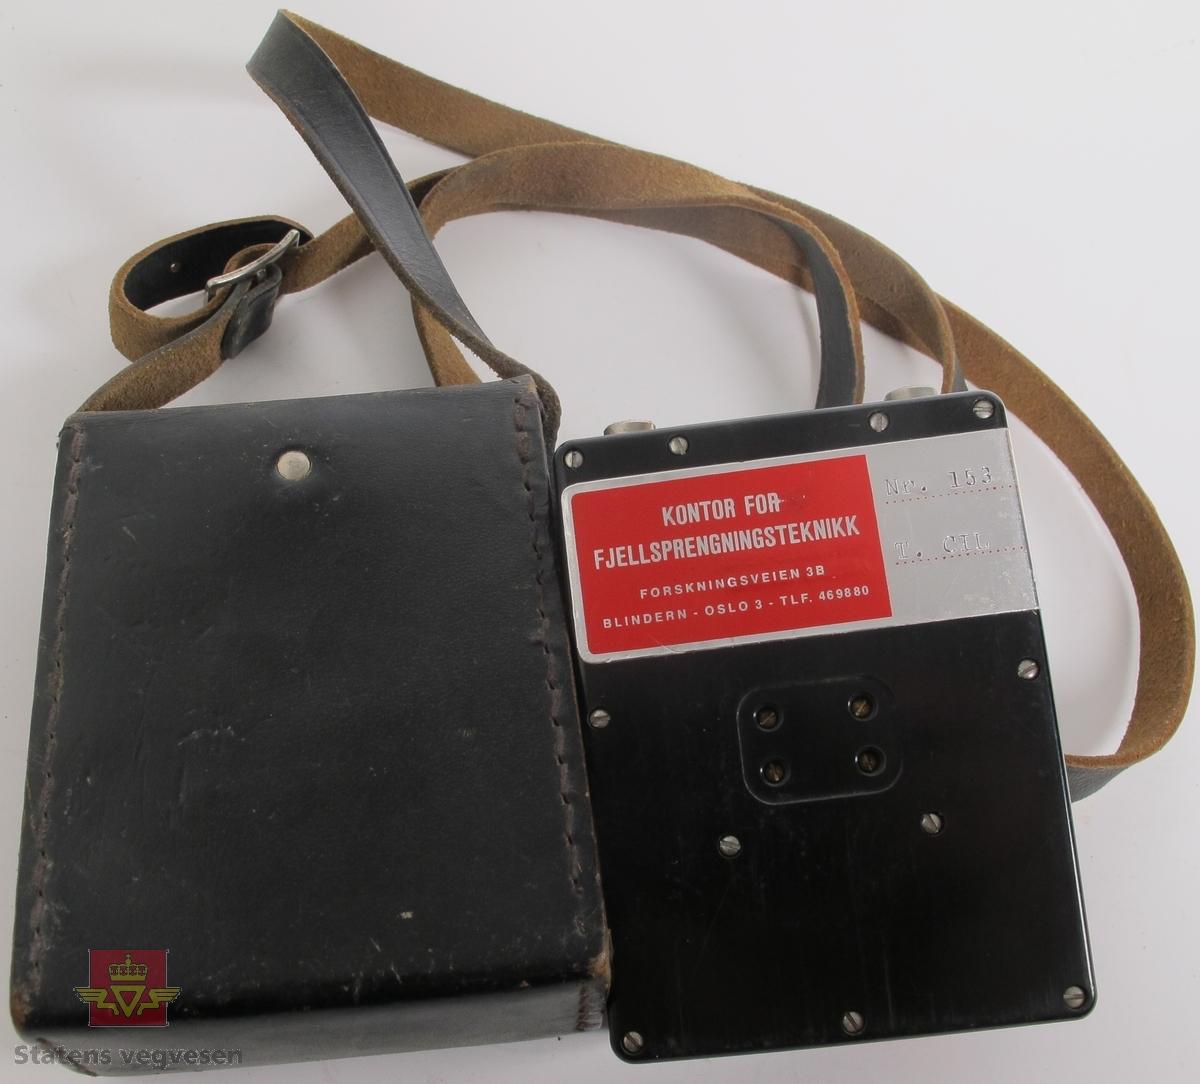 Ohmmeter i svart hus av plast. Har to tilkoblingspunkter for ledning og bæreetui med reim av brunt lær. Målevindu med nål som viser verdier fra 0 til 200 ohm. Påskrift på plate festet til etui C-I-L. Klistremerker på ohmmeteret ADVARSEL UTBRENT ELEMENT MÅ KUN ERSTATTES MED SØLVKLORIDELEMENT. GRUBERNES SPRÆNGSTOFFABRIKER A/S og KONTOR FOR FJELLSPRENGNINGSTEKNIKK FORSKNINGSVEIEN 3B BLINDERN - OSLO 3 - TLF. 469880 Nr. 153 T. CIL. samt innskrift og serienummer fra produsent C-I-L BLASTING GALVANOMETER SERIAL NO. 6932.